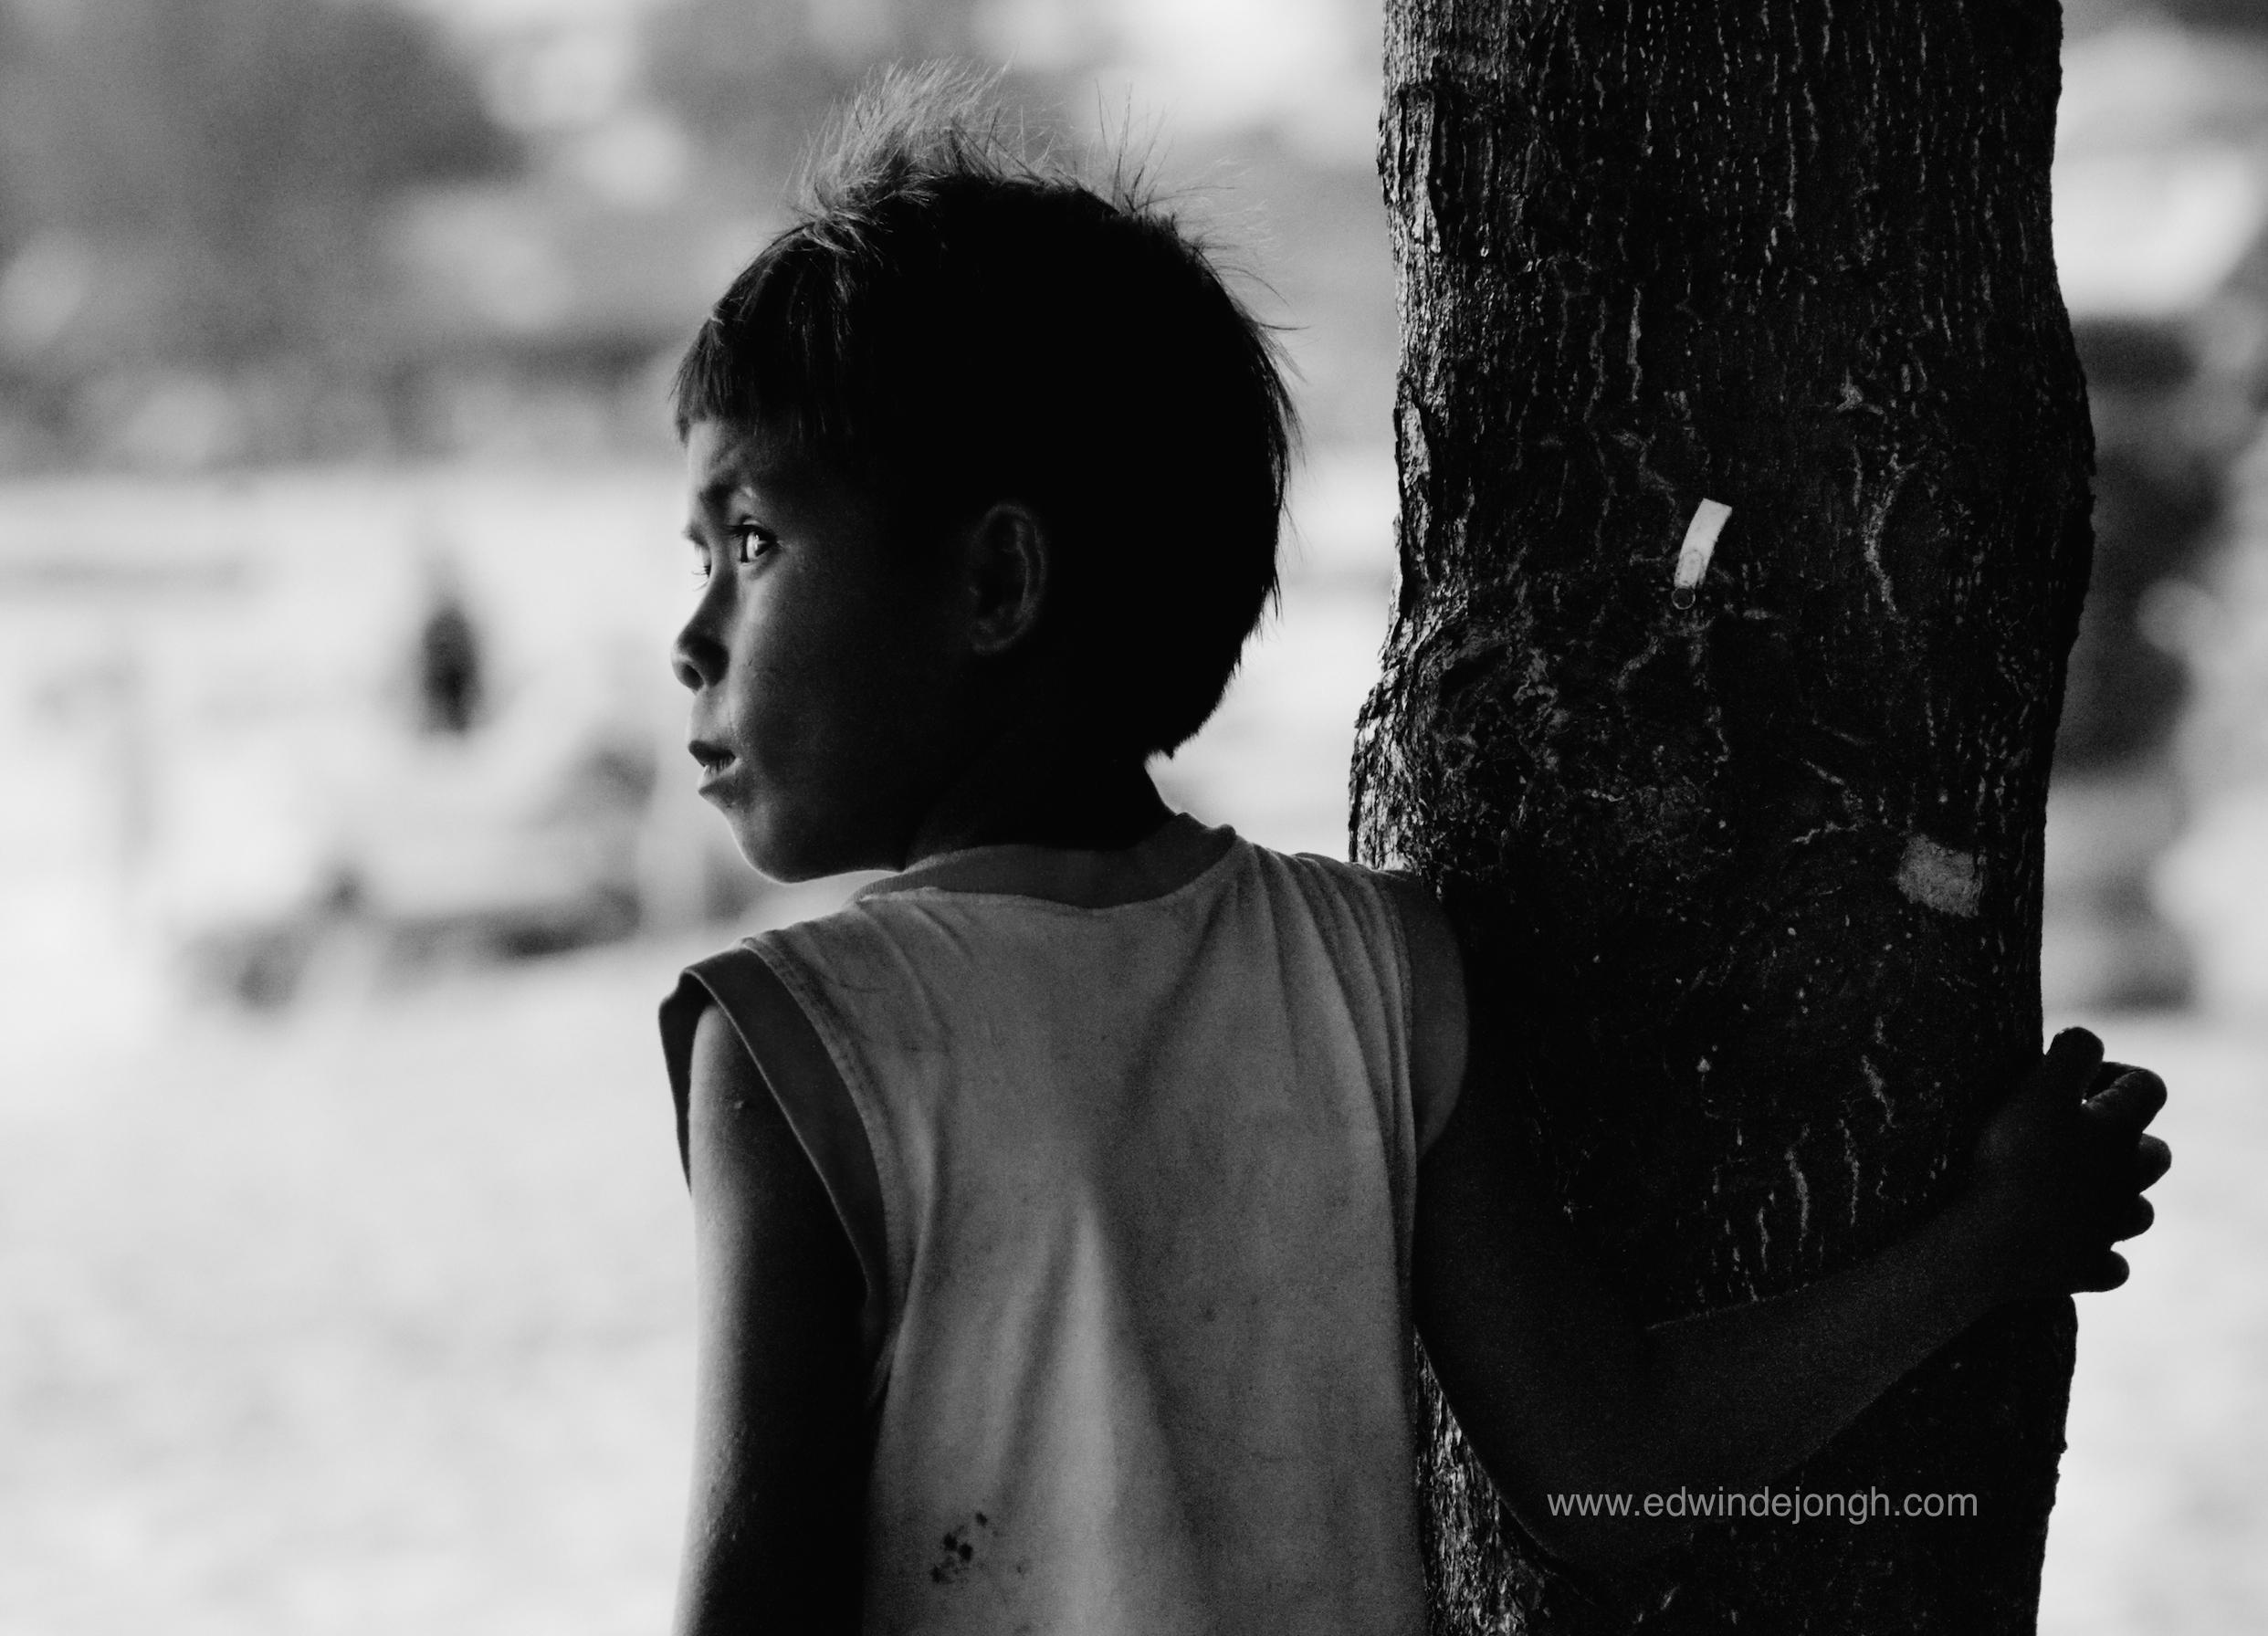 Sihanoukville kid (Cambodia)